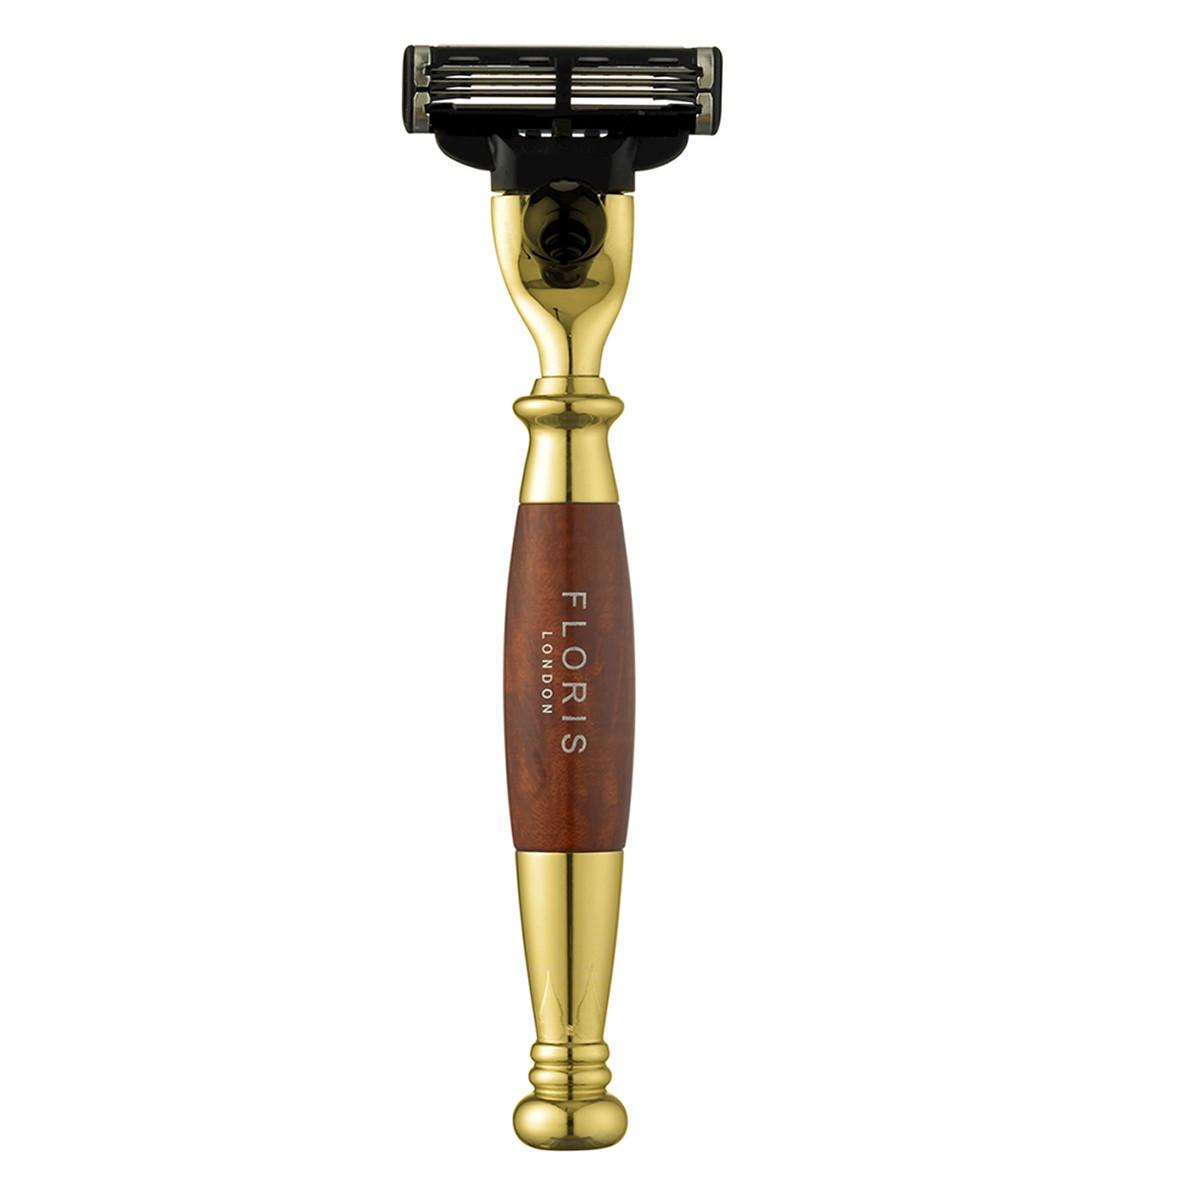 Floris Barberskraber til Gillette Mach3, Guldbelagt Briar Træ